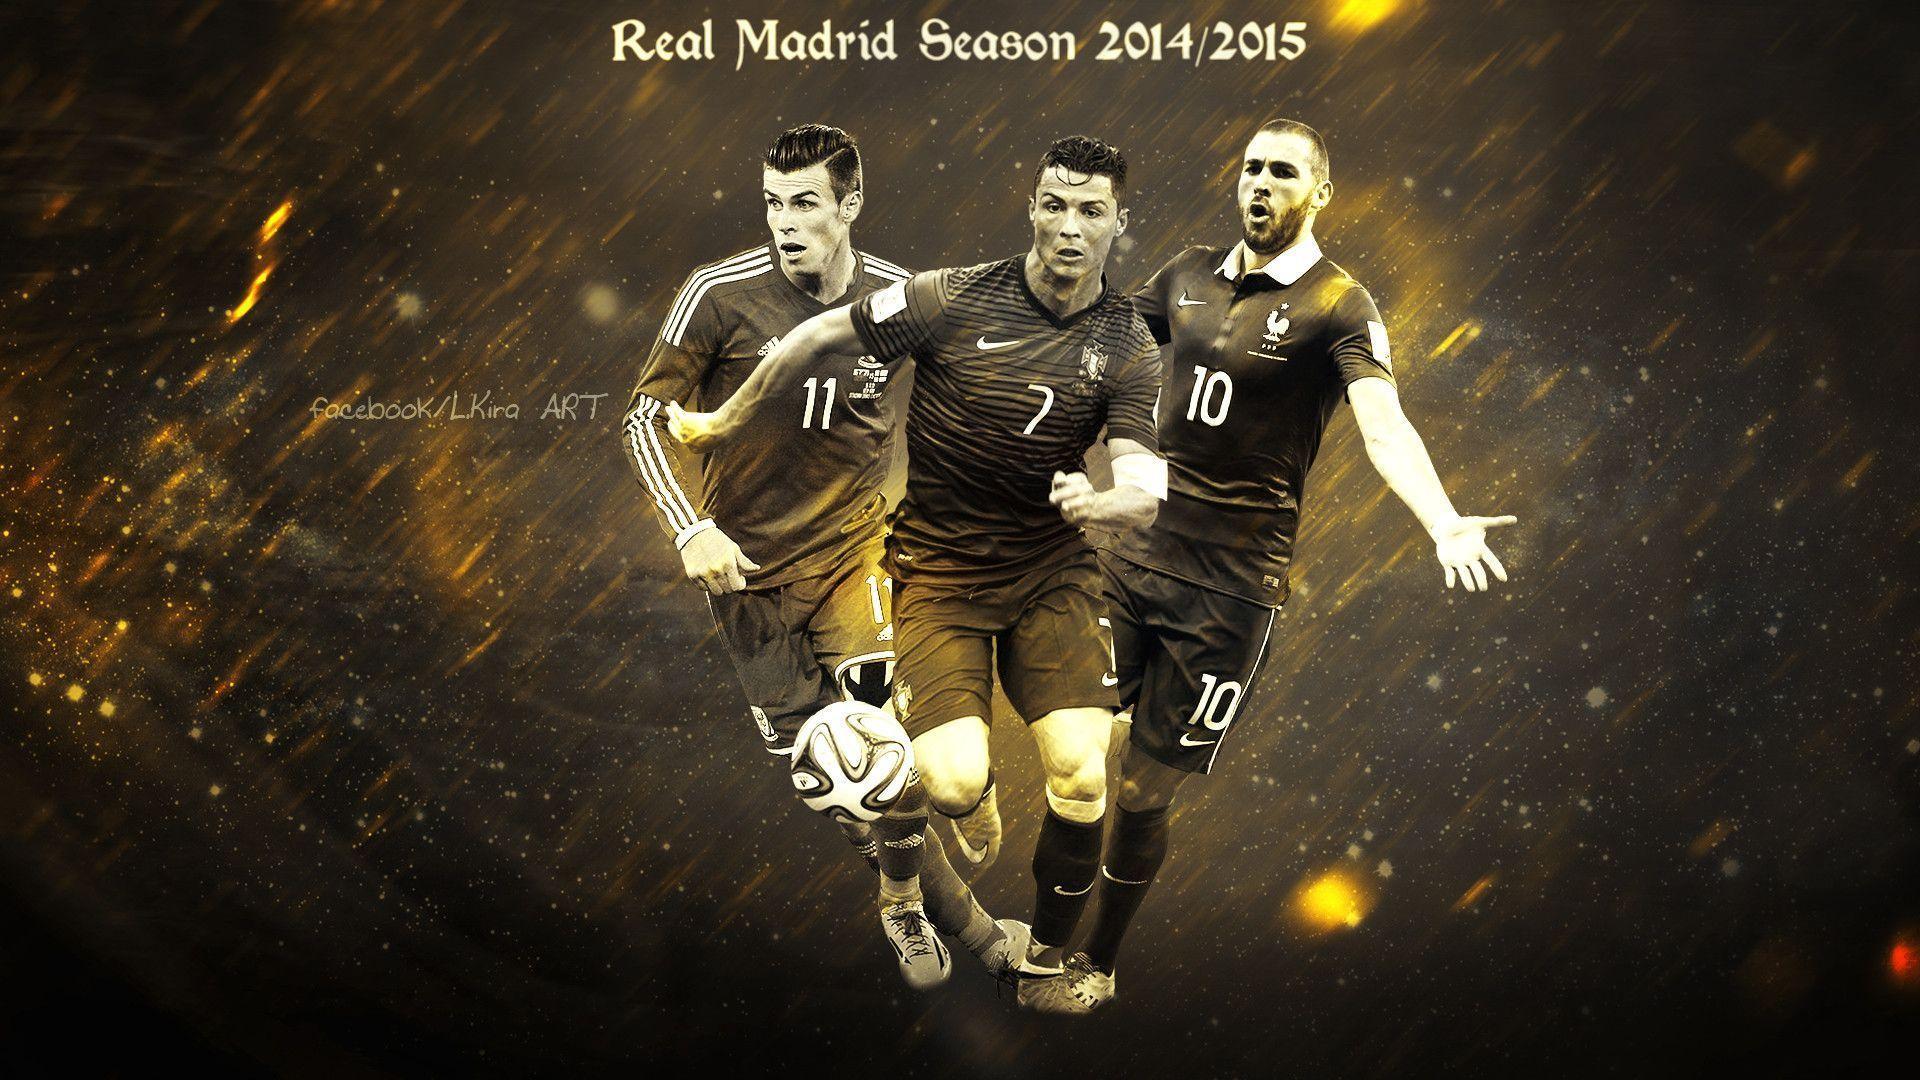 Wallpapers Real Madrid 2015 DeviantArt